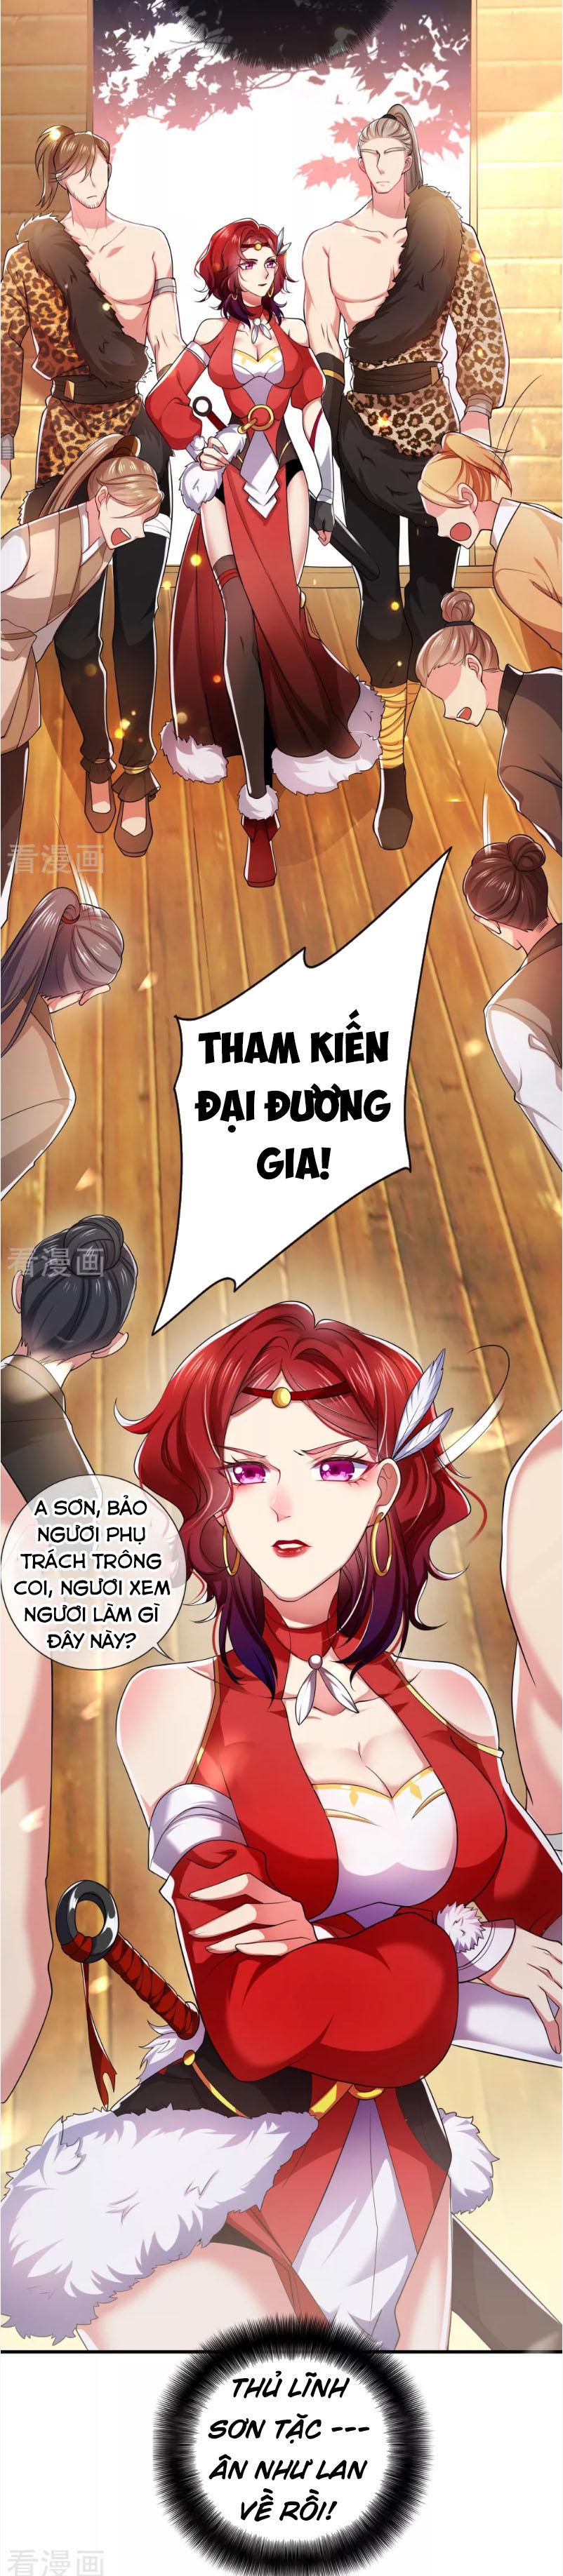 Hài Đế Vi Tôn chapter 5 - Hamtruyen.vn